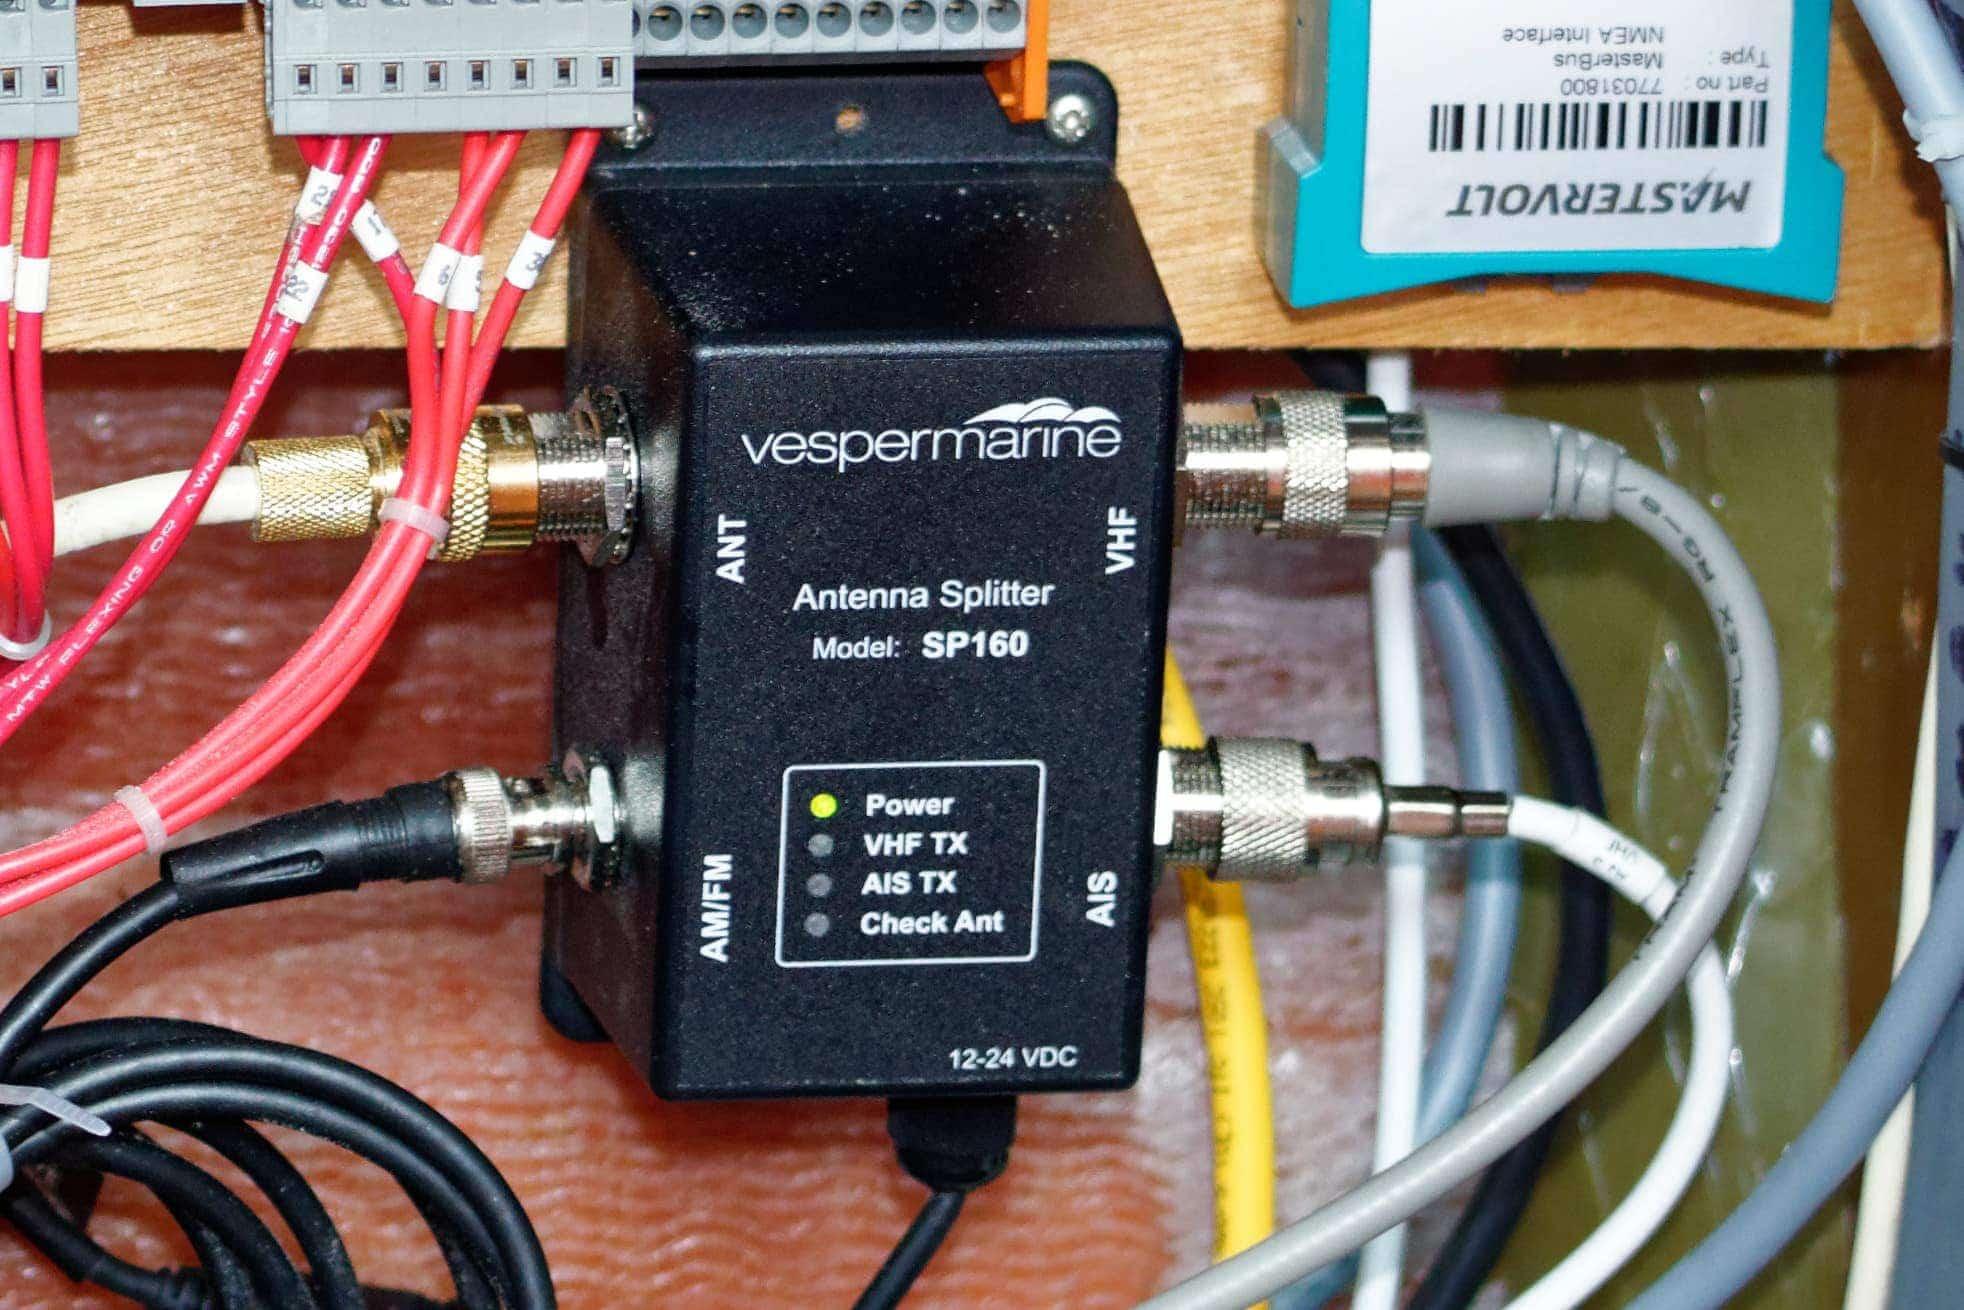 vesper marine sp160 antenna splitter